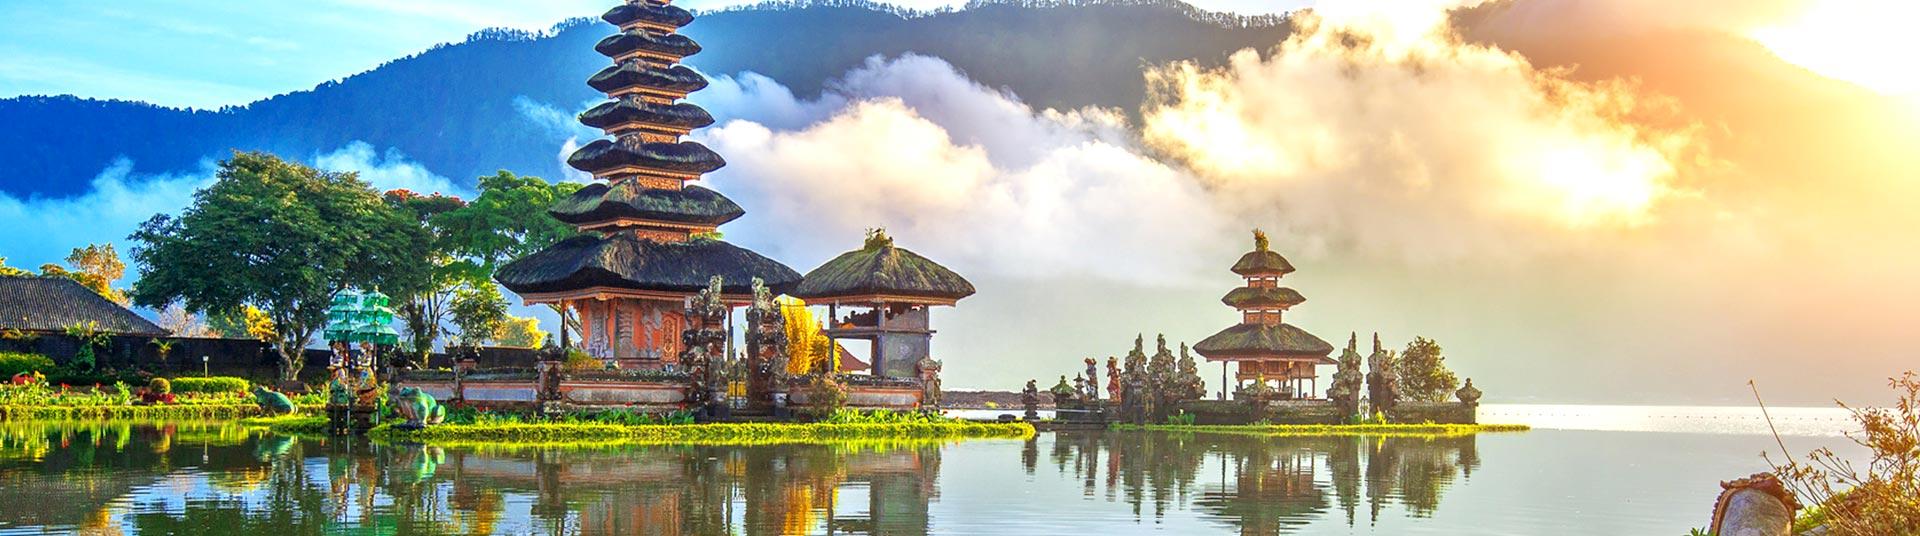 https://www.bourse-des-vols.com/commun/images/007-pays/indonesie-1920x536.jpg